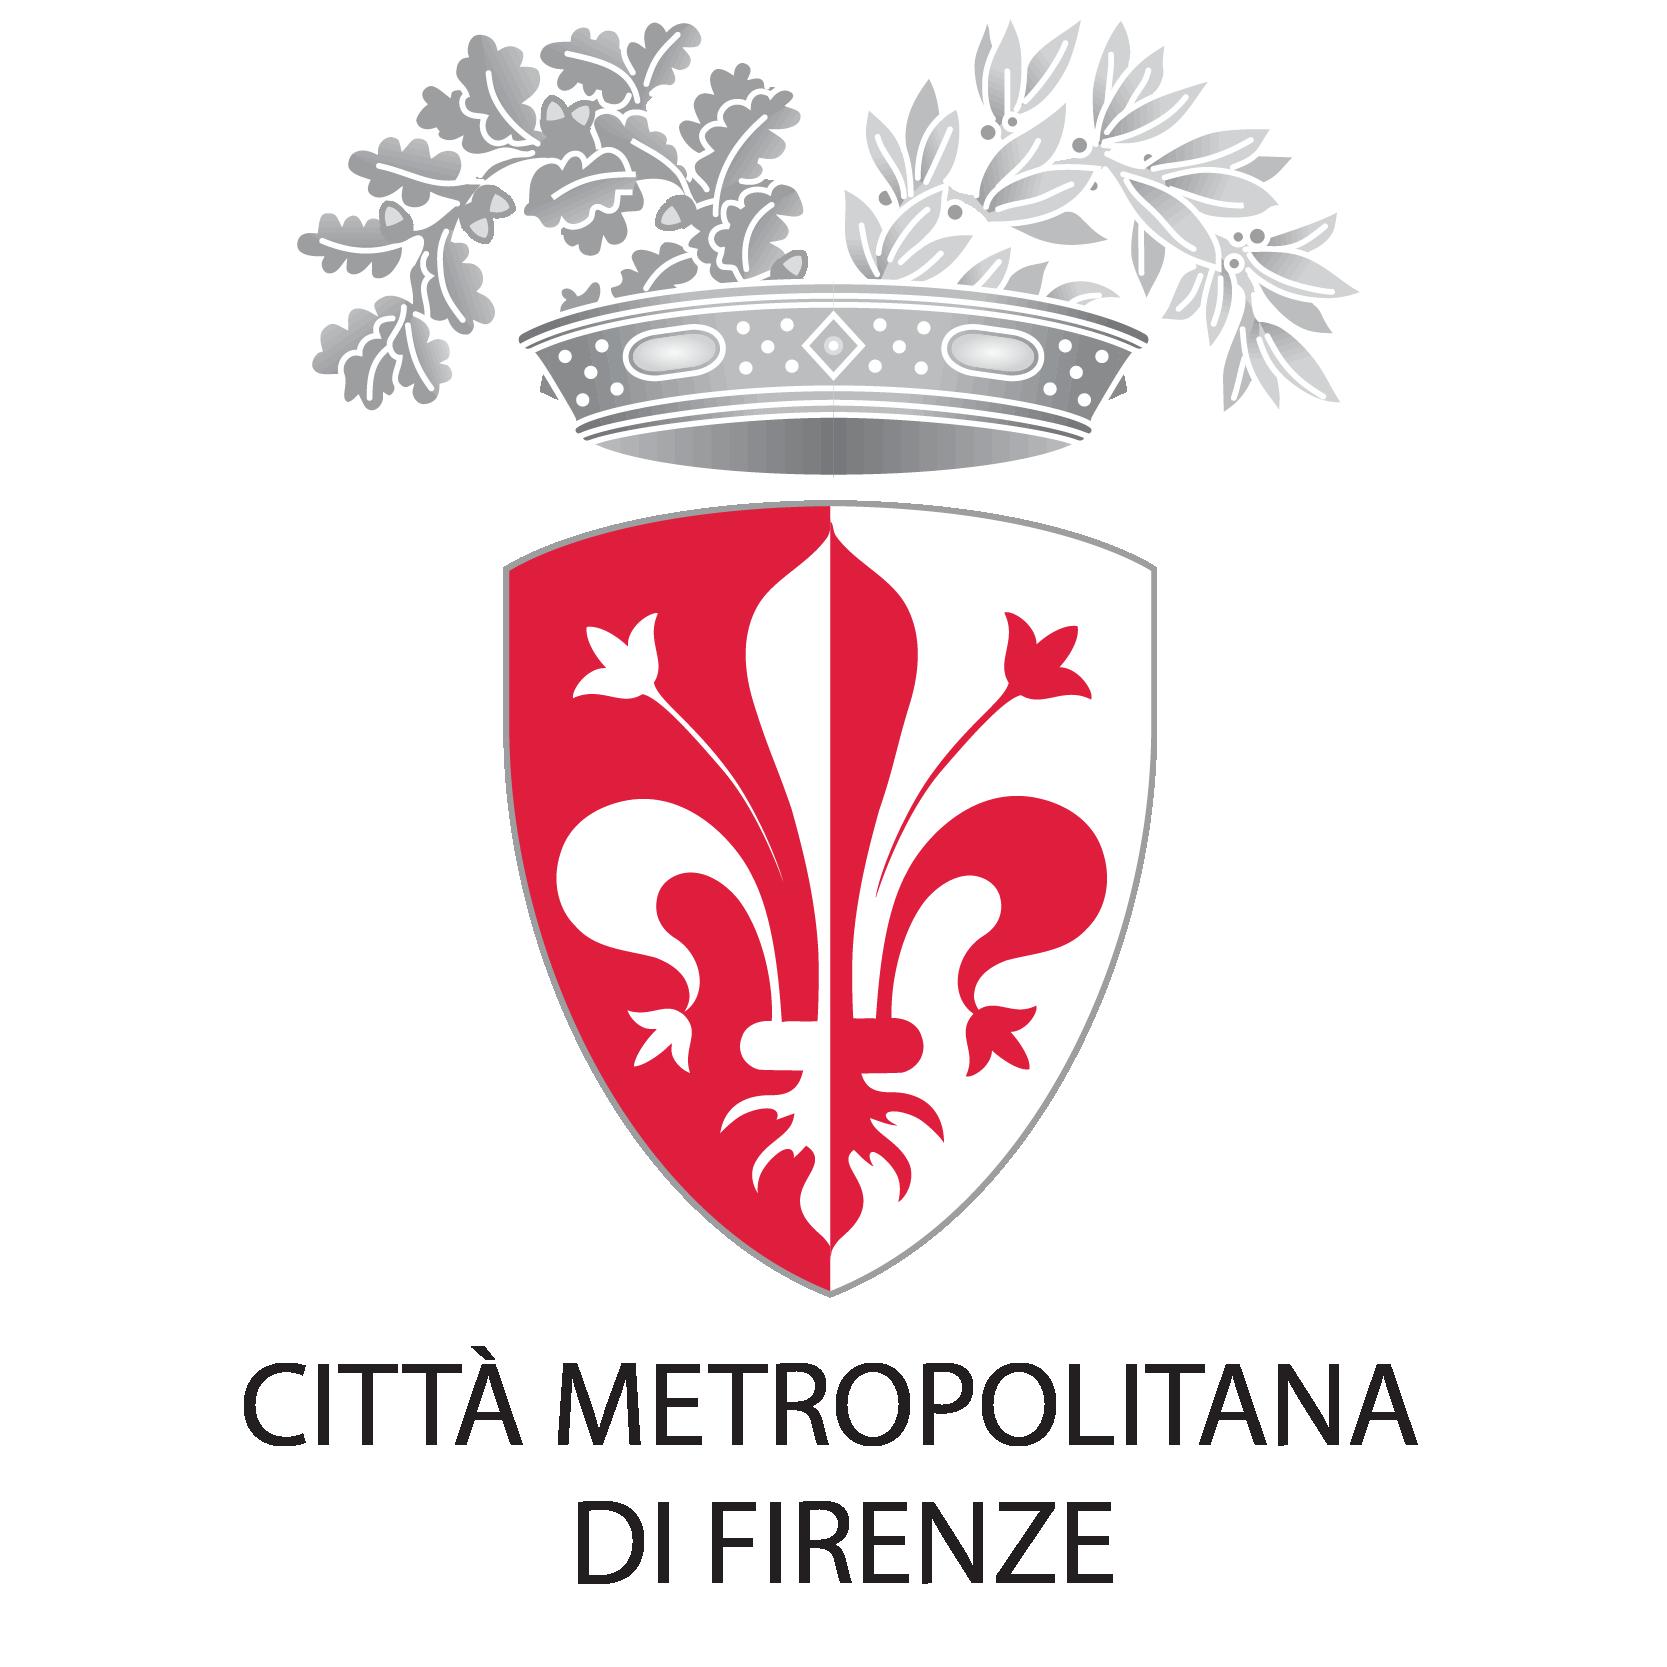 Città Metropolitana di Firenze-01